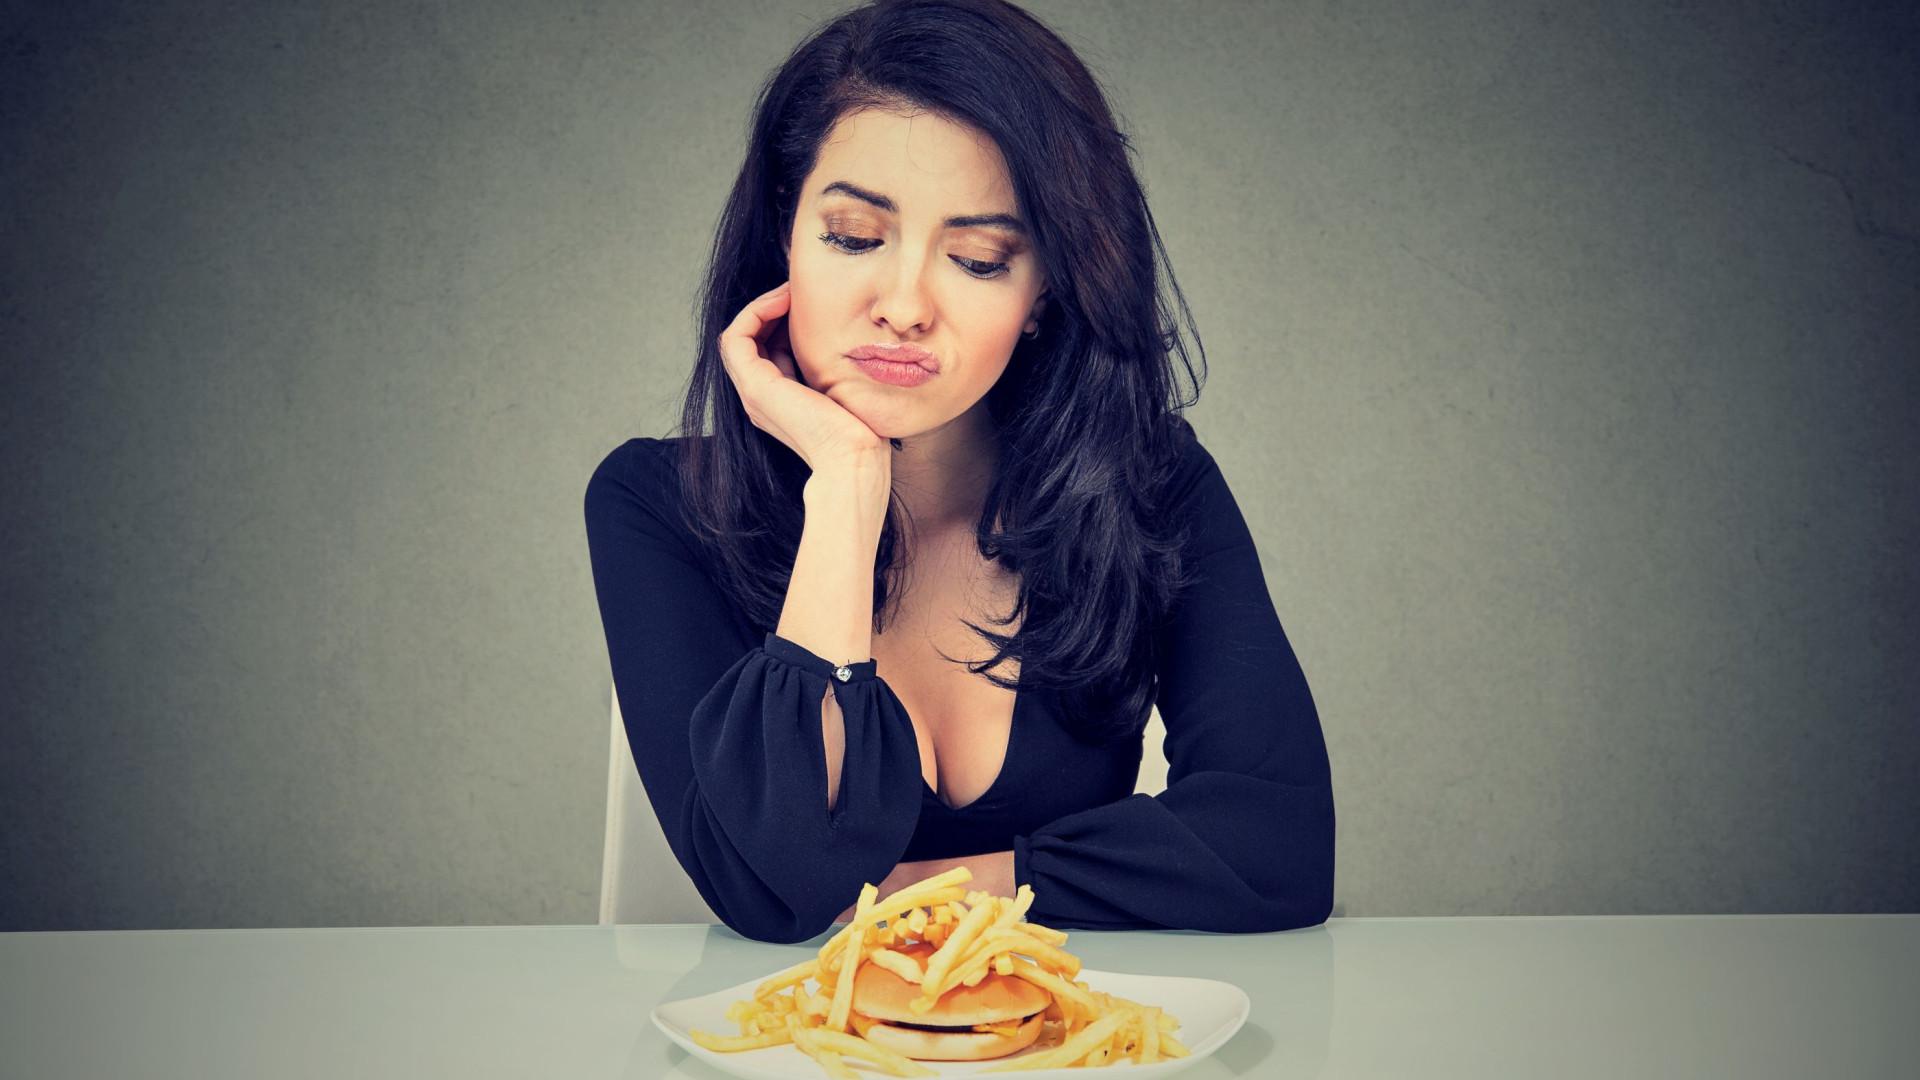 Mulheres passam milhares de horas obcecadas com o que comem